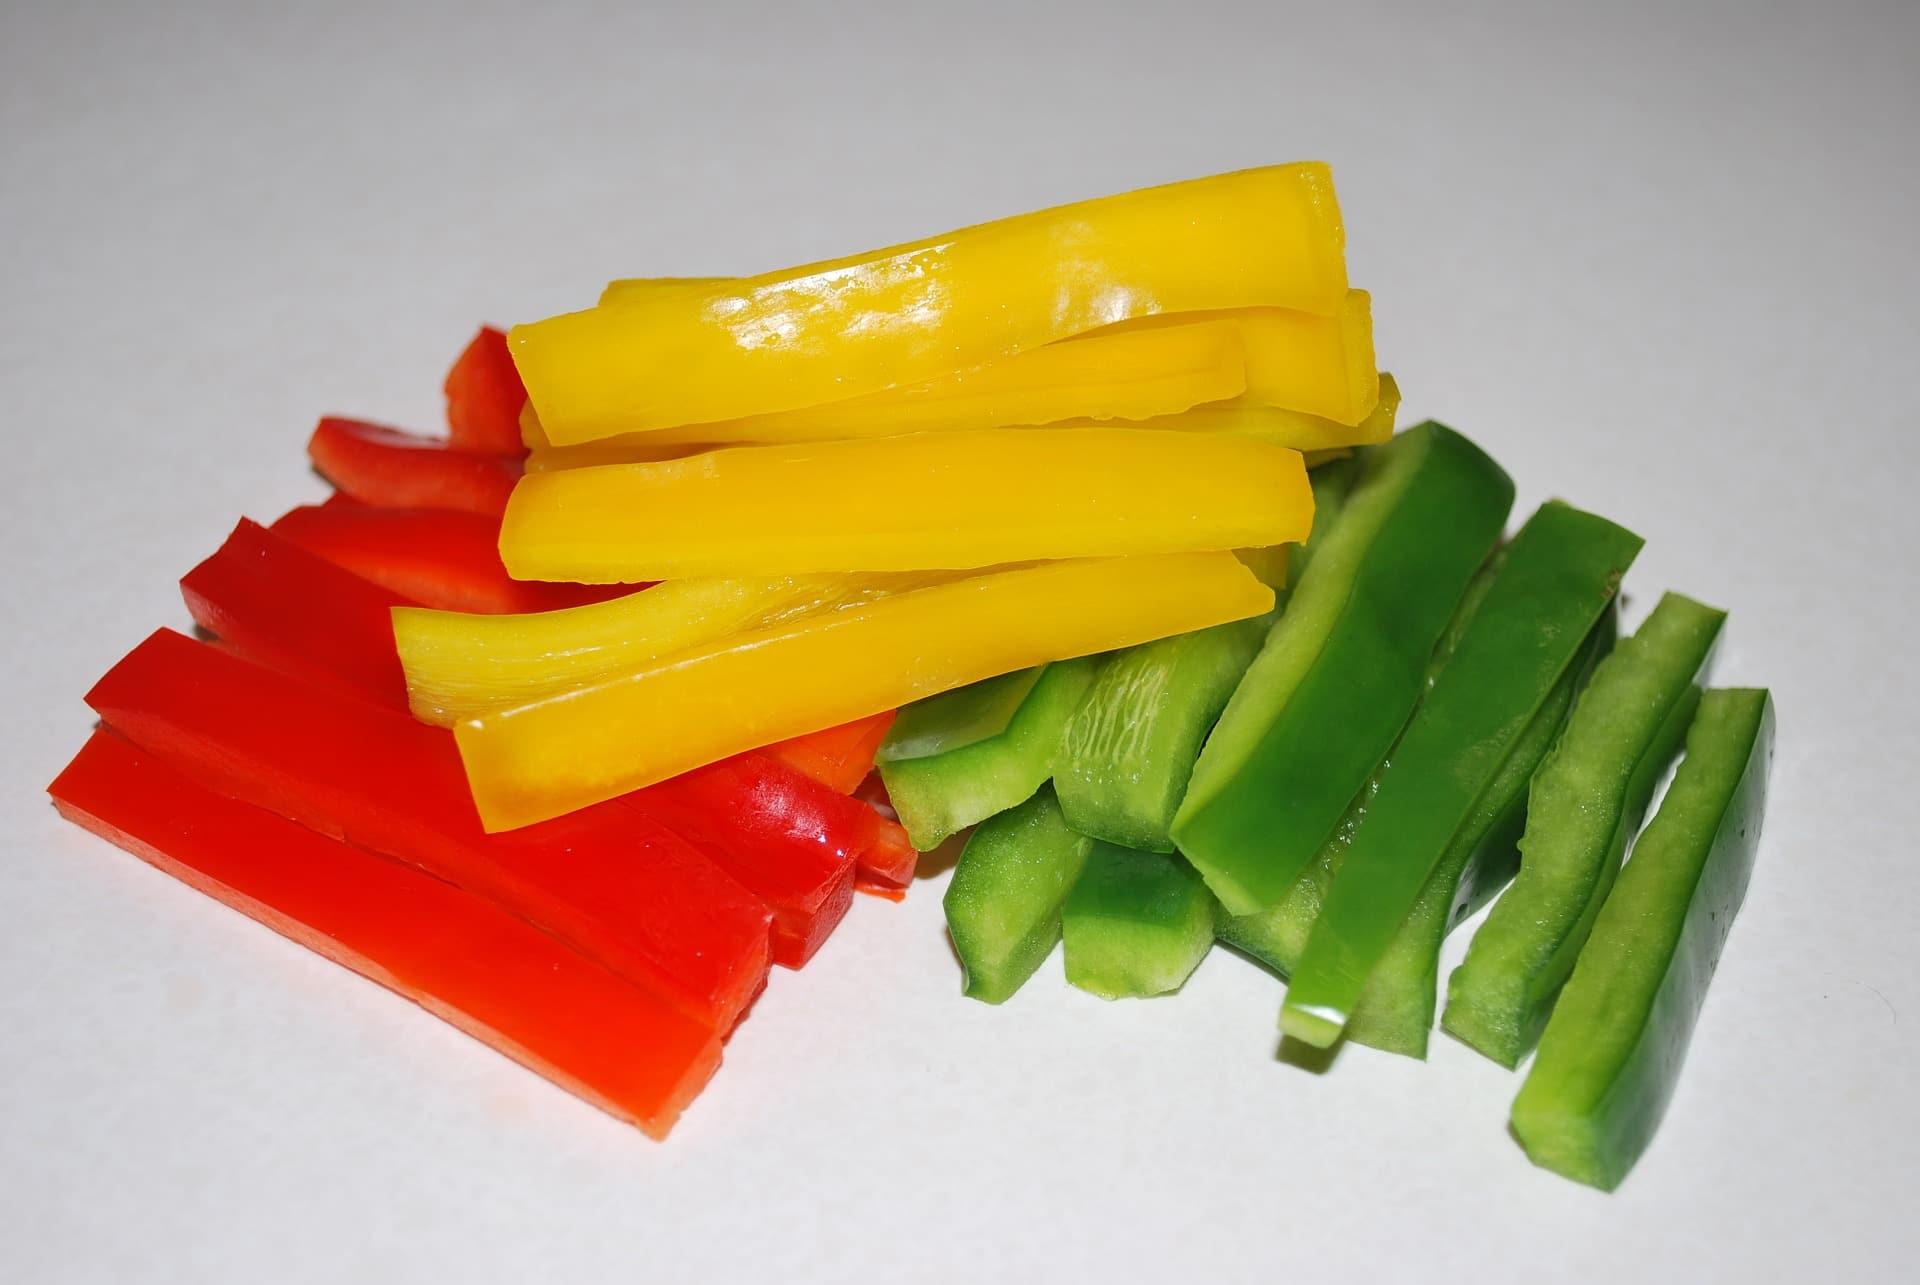 Papriku pokrájejte na hranolky a servírujte s oblíbeným dipem / foto: pixabay.com